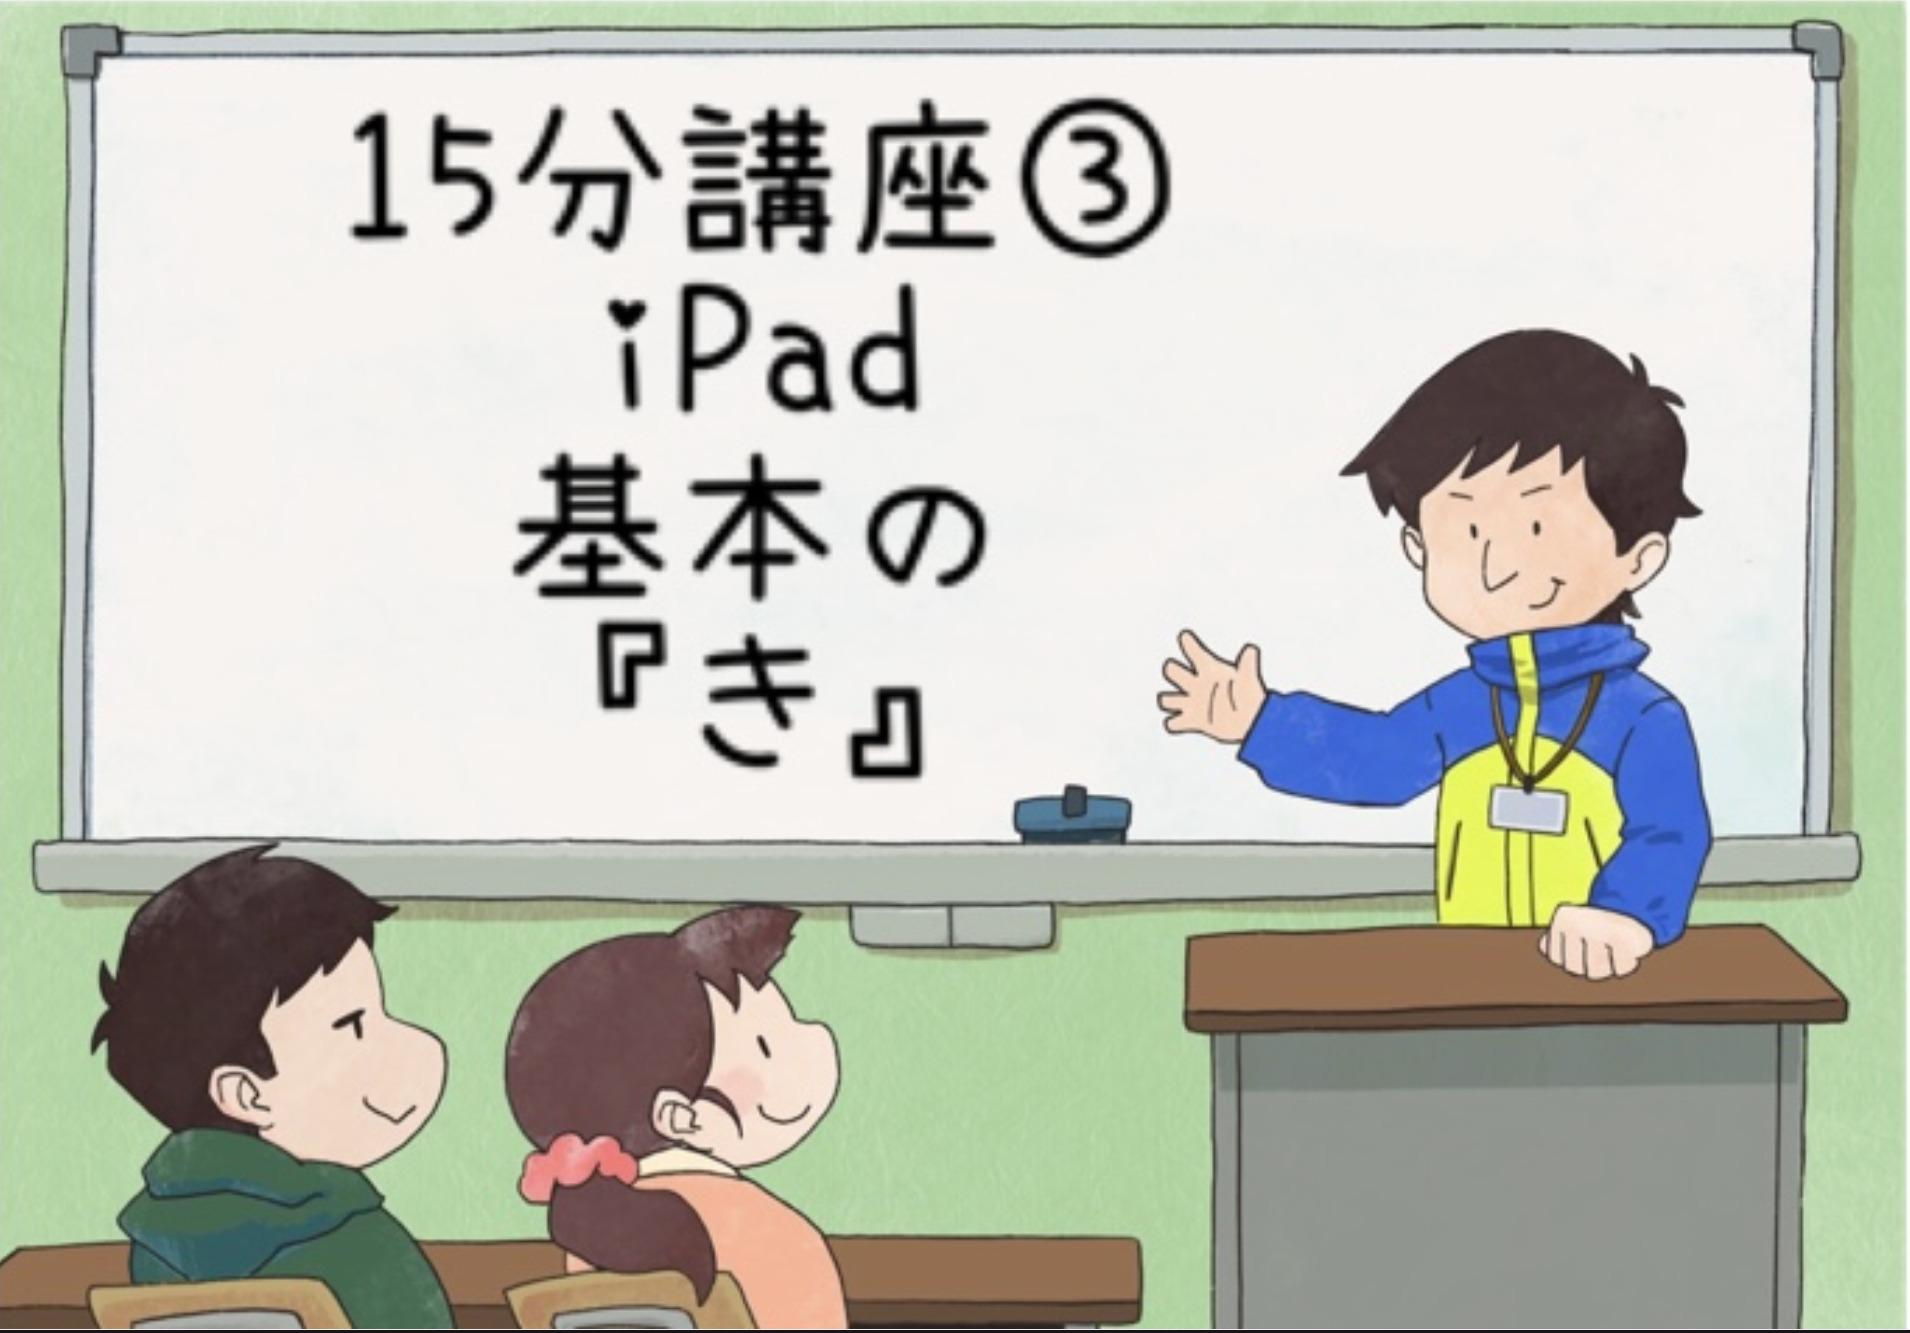 【研修資料】15分講座③ iPad基本の「き」